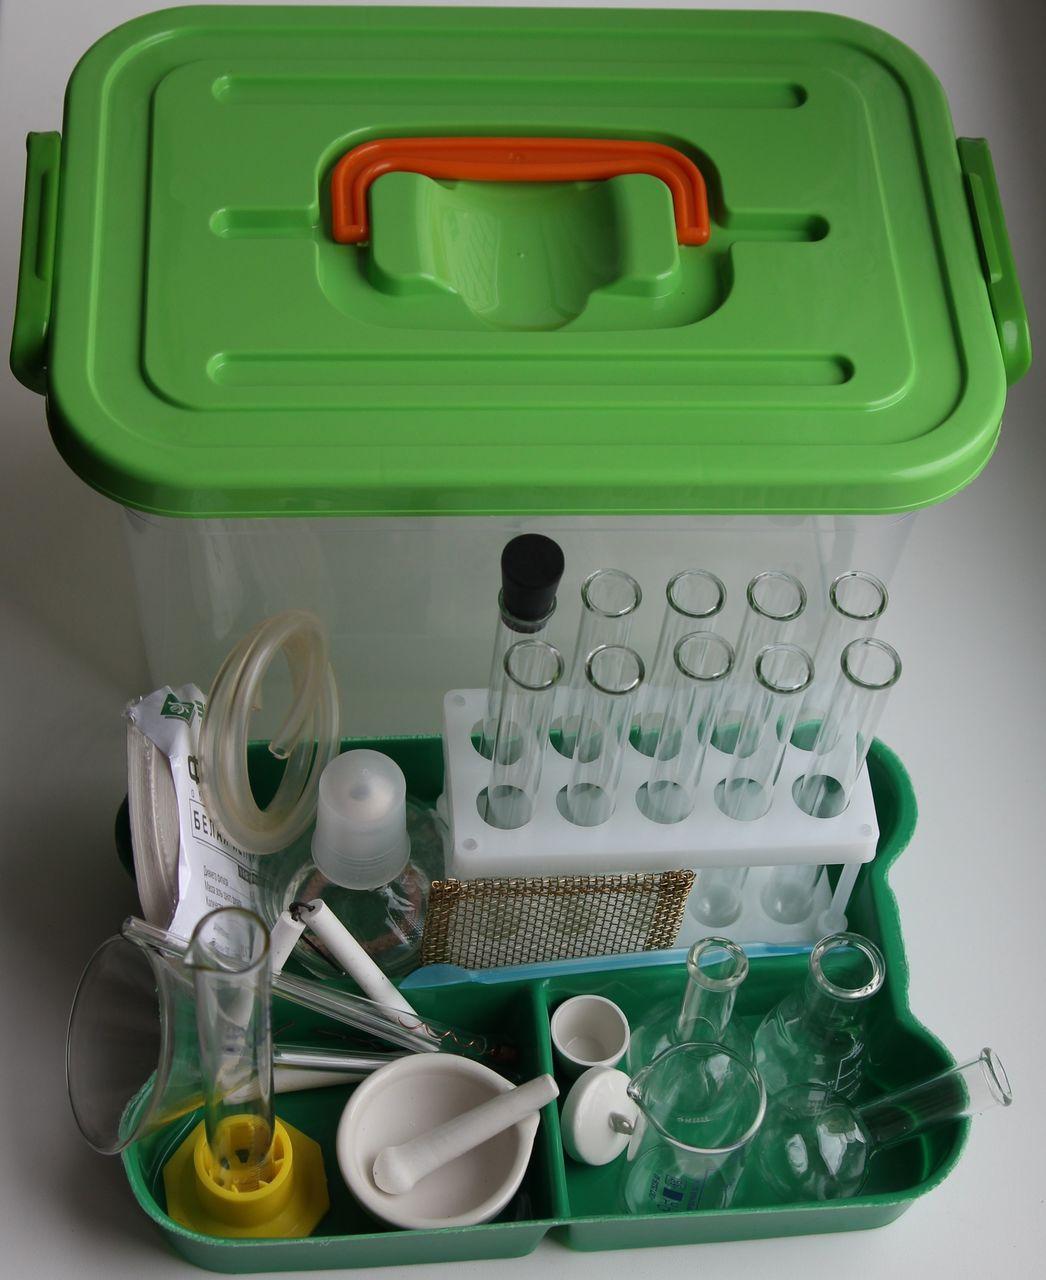 лоток_с_посудой_и_принадлежностями